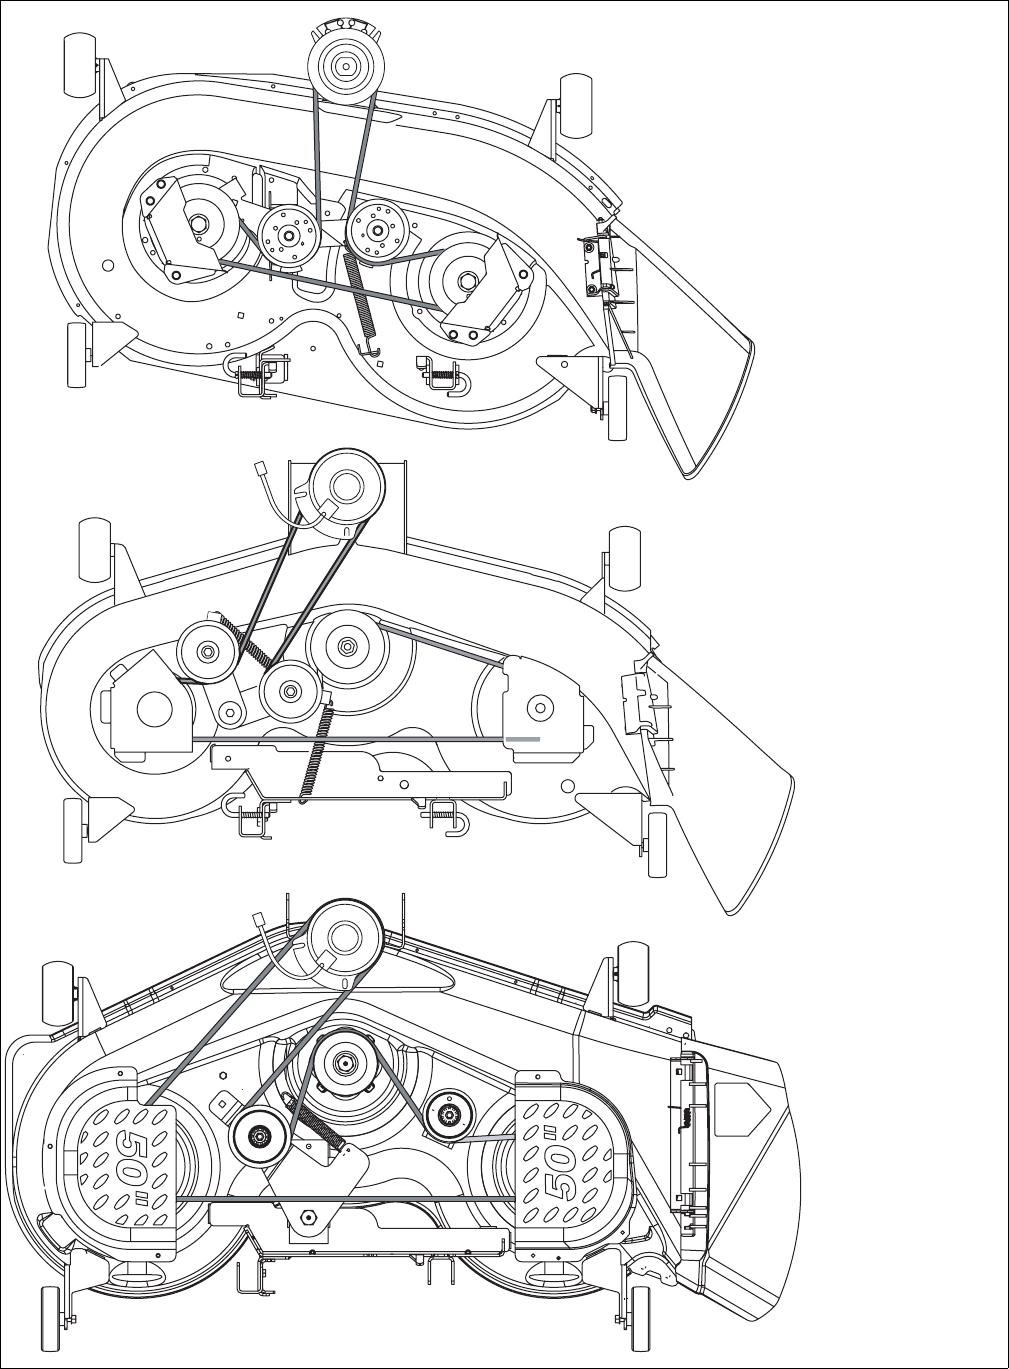 [DIAGRAM] Cub Cadet Lt1045 Belt Diagram FULL Version HD